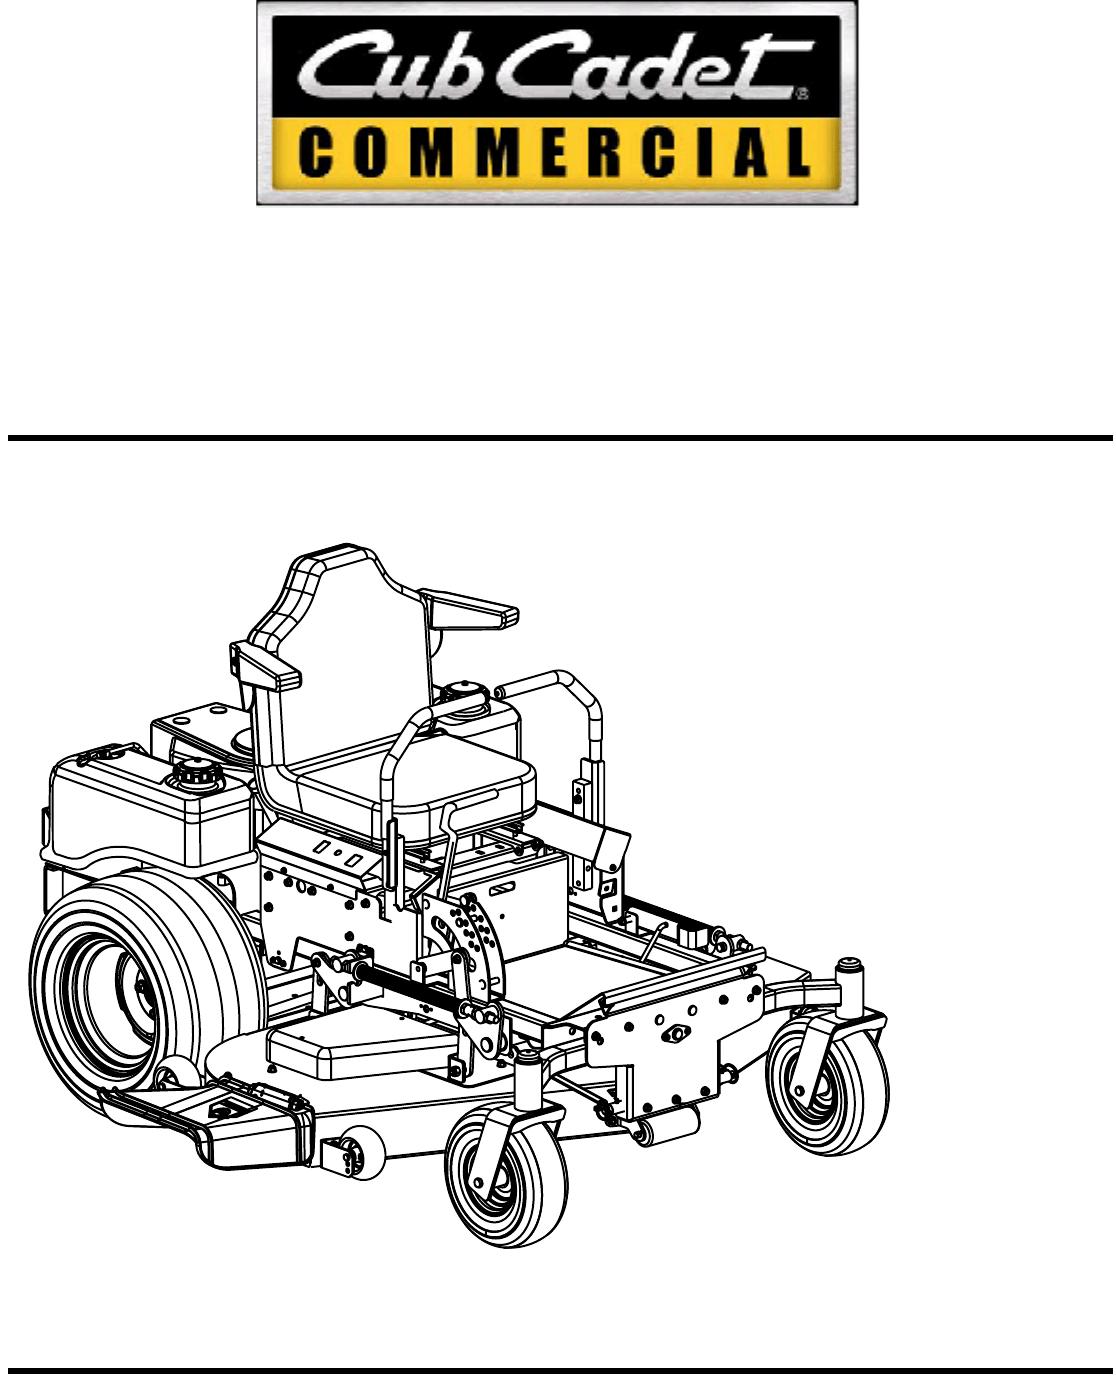 Cub Cadet Lawn Mower 60-inch & 72-inch Fabricated Deck